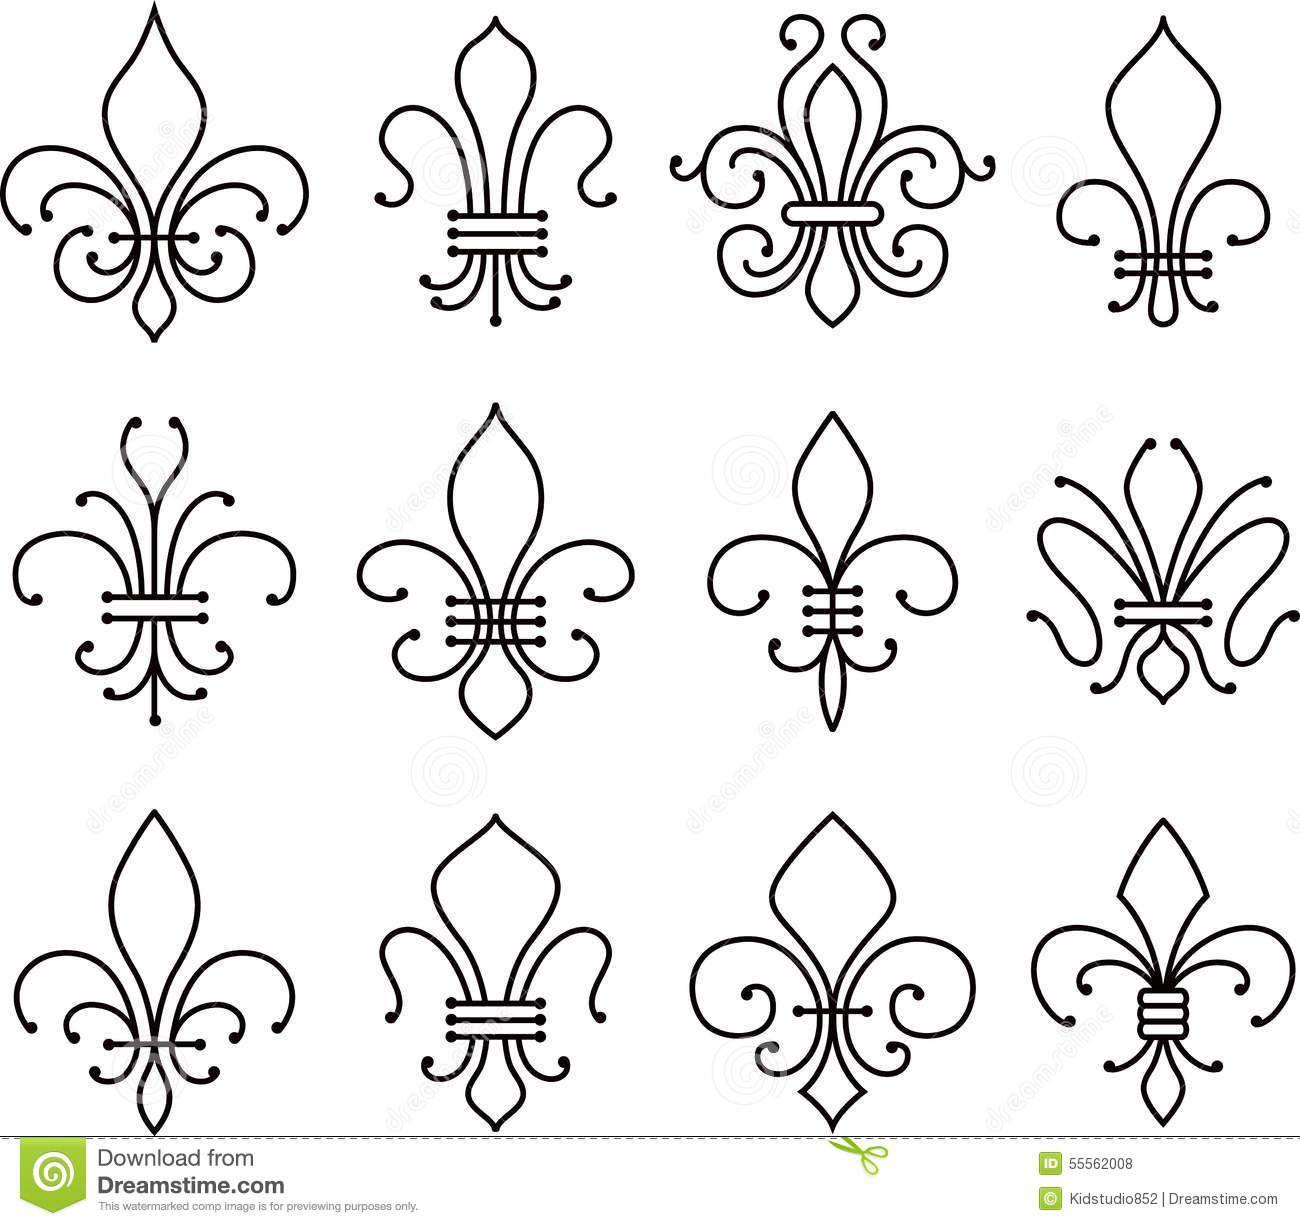 Charleston symbols fleur de lys stock vector fleur de lys scroll elements symbol a southern - Fleur de lys symbole ...